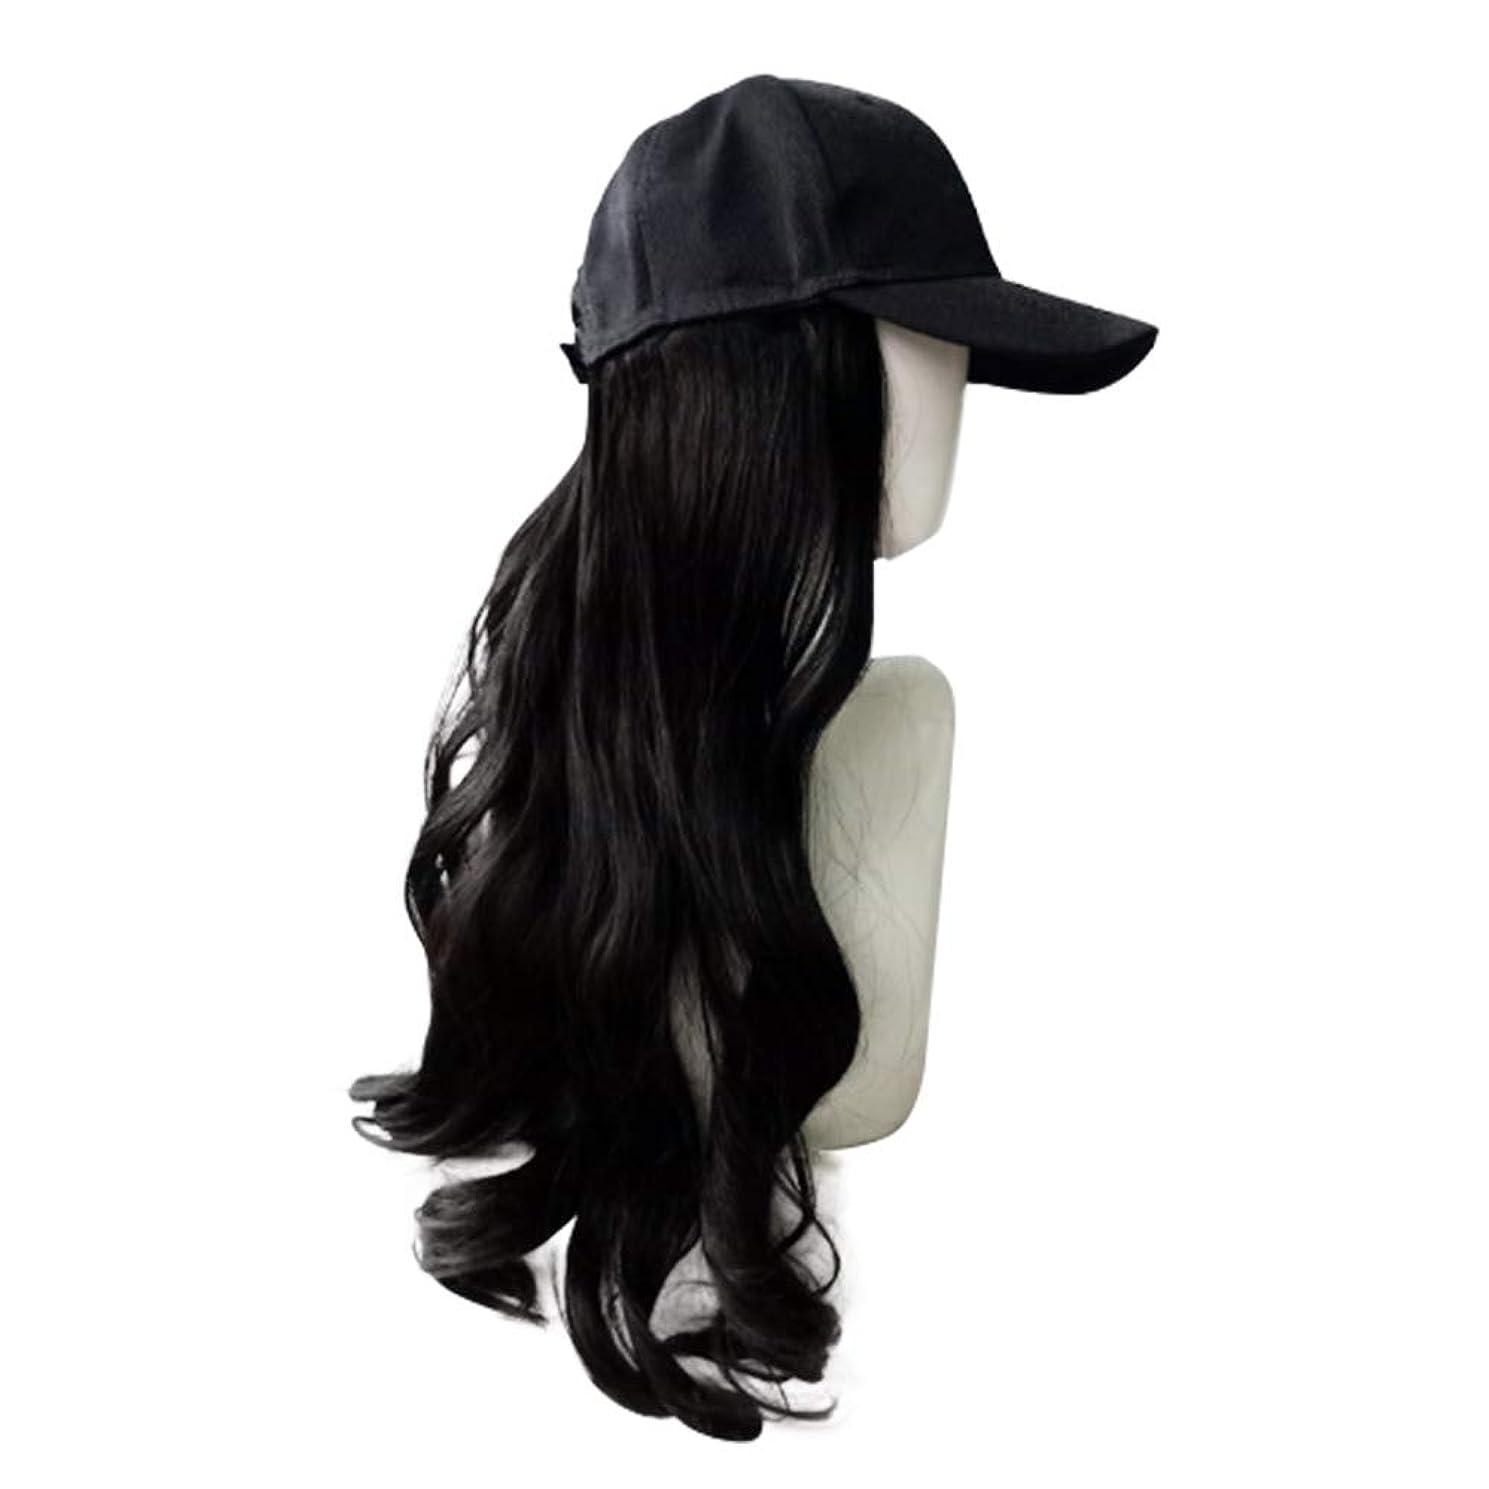 中絶素朴な適格長い黒のかつら、帽子かつらシンプルなかつらファッションかつらキャップ自然なかつら女性の耐熱性のための長い波状の合成かつら